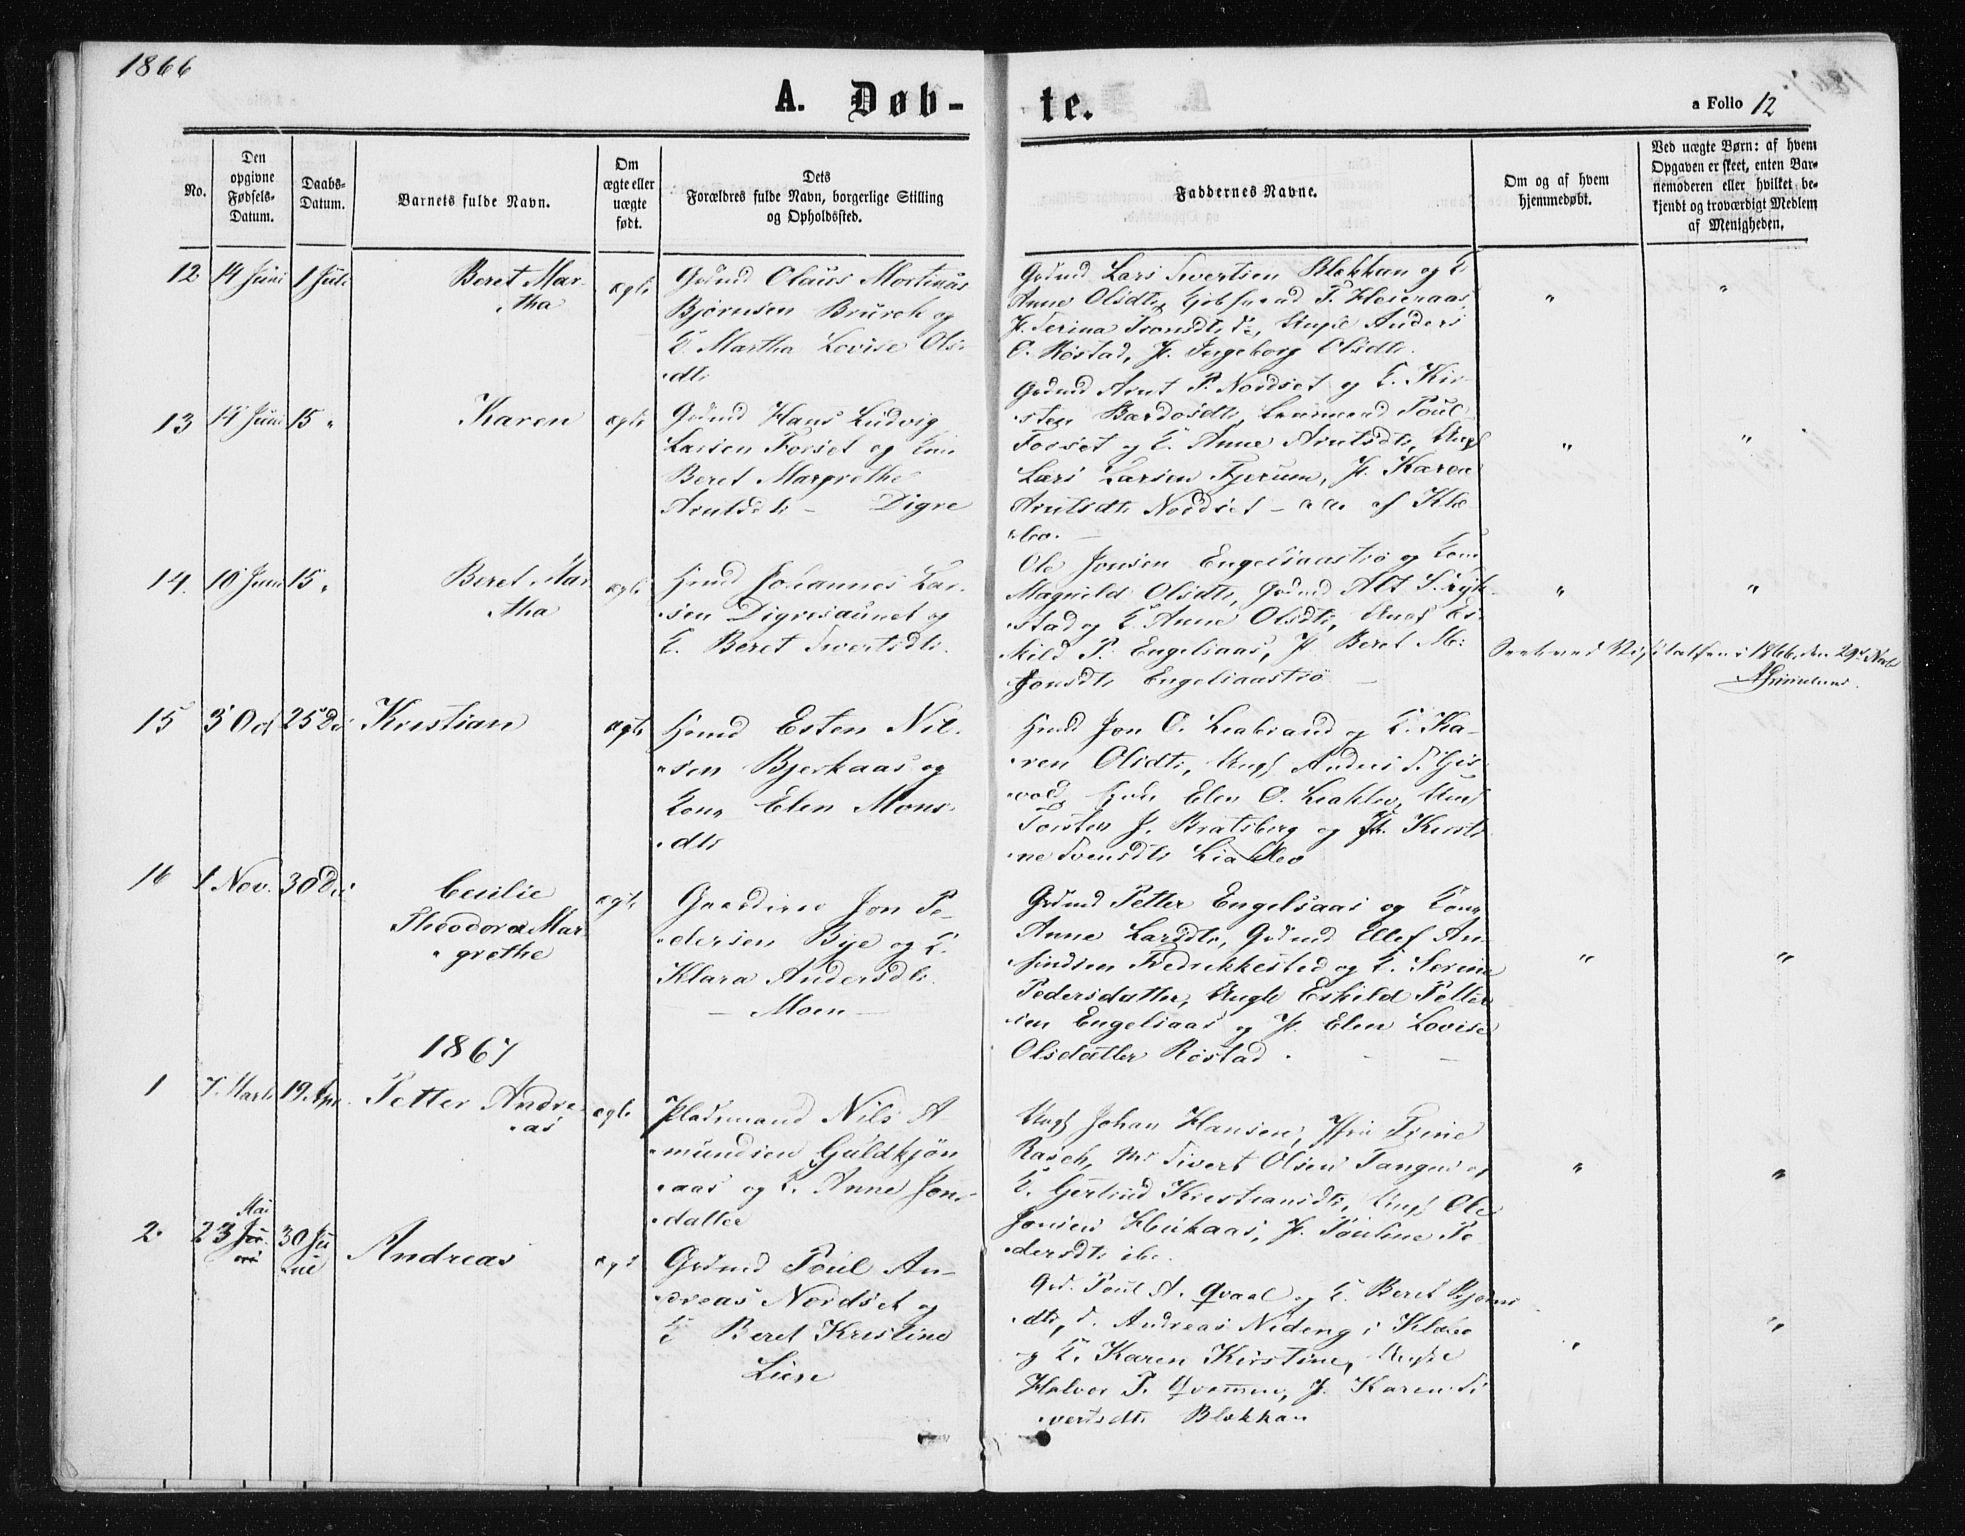 SAT, Ministerialprotokoller, klokkerbøker og fødselsregistre - Sør-Trøndelag, 608/L0333: Ministerialbok nr. 608A02, 1862-1876, s. 12